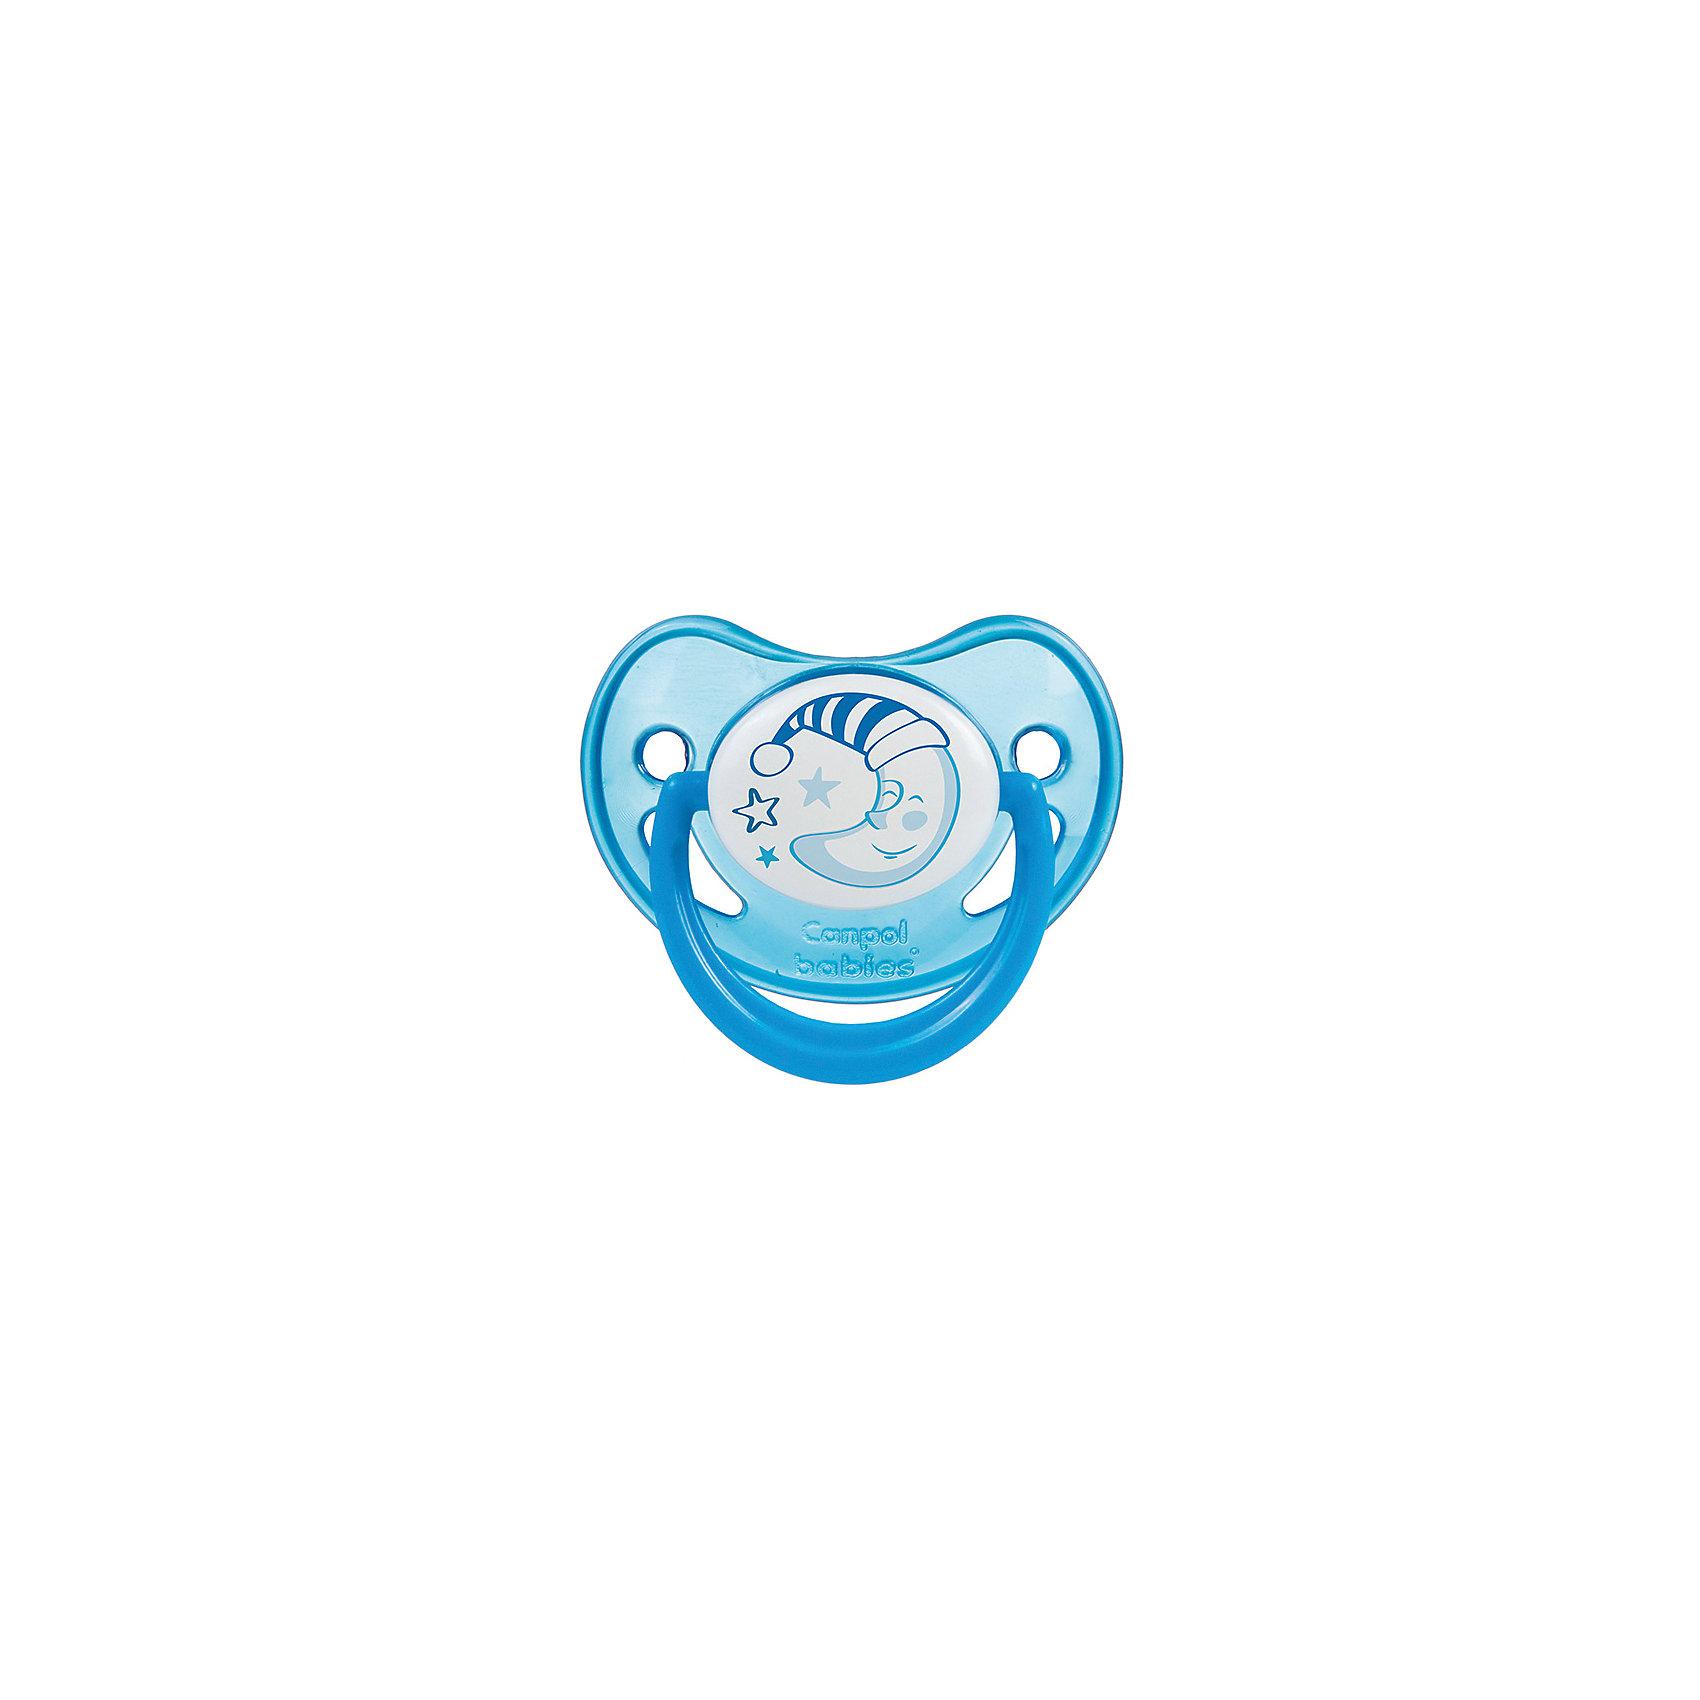 Пустышка анатомическая силиконовая, 6-18 Night Dreams, Canpol Babies, синийПустышки из силикона<br>Характеристики:<br><br>• Наименование: пустышка<br>• Пол: для мальчика<br>• Материал: силикон, пластик<br>• Цвет: синий, белый<br>• Форма: анатомическая<br>• Наличие отверстий для вентиляции<br>• Наличие кольца для держателя<br>• Особенности ухода: регулярная стерилизация и своевременная замена<br><br>Пустышка анатомическая силиконовая, 6-18 Night Dreams, Canpol Babies, синий имеет специальную форму, которая обеспечивает правильное давление на небо. Изготовлена из запатентованного вида силикона, который не имеет запаха. При правильном уходе обеспечивает длительное использование. У соски имеется классический ограничитель с отверстиями для вентиляции и кольцо для держателя, которое светится в темноте. Пустышка анатомическая силиконовая, 6-18 Night Dreams, Canpol Babies, синий выполнена в ярком дизайне с изображением звезд и месяца.<br><br>Пустышку анатомическую силиконовую, 6-18 Night Dreams, Canpol Babies, синюю можно купить в нашем интернет-магазине.<br><br>Ширина мм: 95<br>Глубина мм: 45<br>Высота мм: 155<br>Вес г: 110<br>Возраст от месяцев: 6<br>Возраст до месяцев: 18<br>Пол: Мужской<br>Возраст: Детский<br>SKU: 5156625